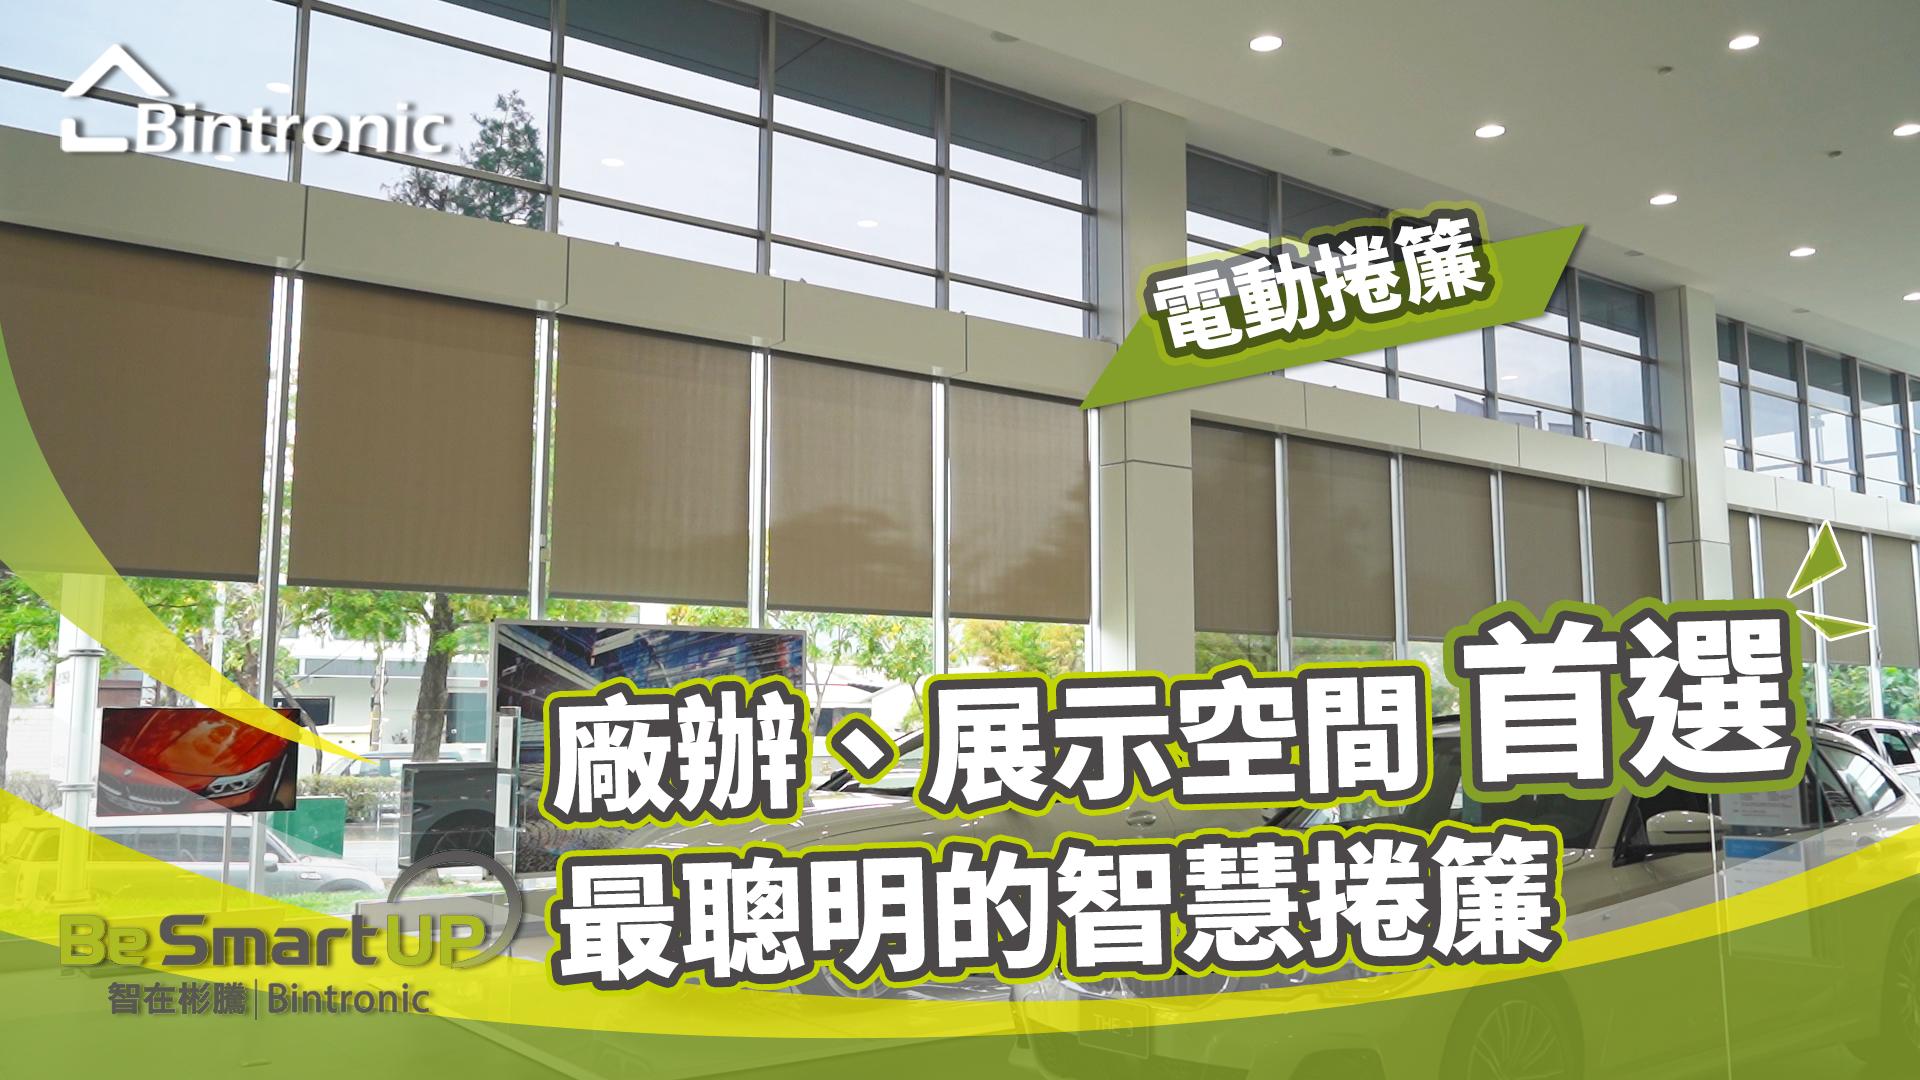 彬騰Bintronic 展間應用篇-BMW汽車展示中心   電動窗簾   智慧窗簾   智慧展間   智能車廠   捲簾   遮陽   定時自動化